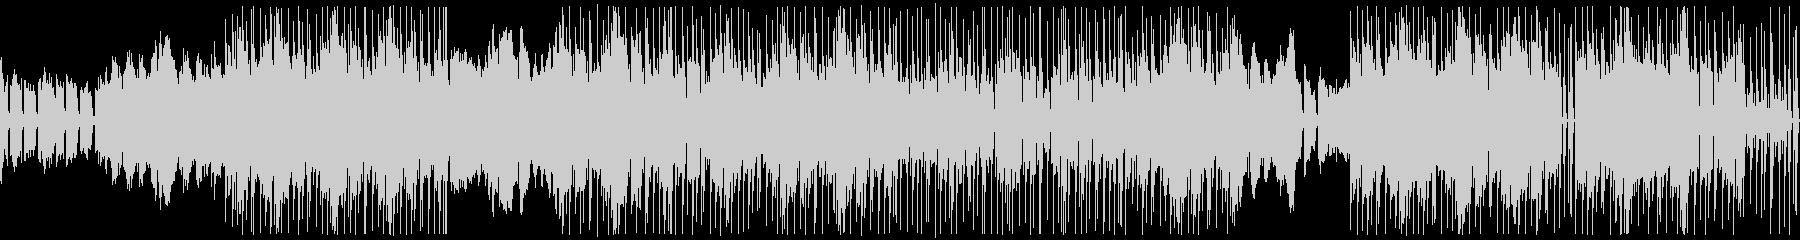 ピアノのゆったりとLo-fiなサウンドの未再生の波形